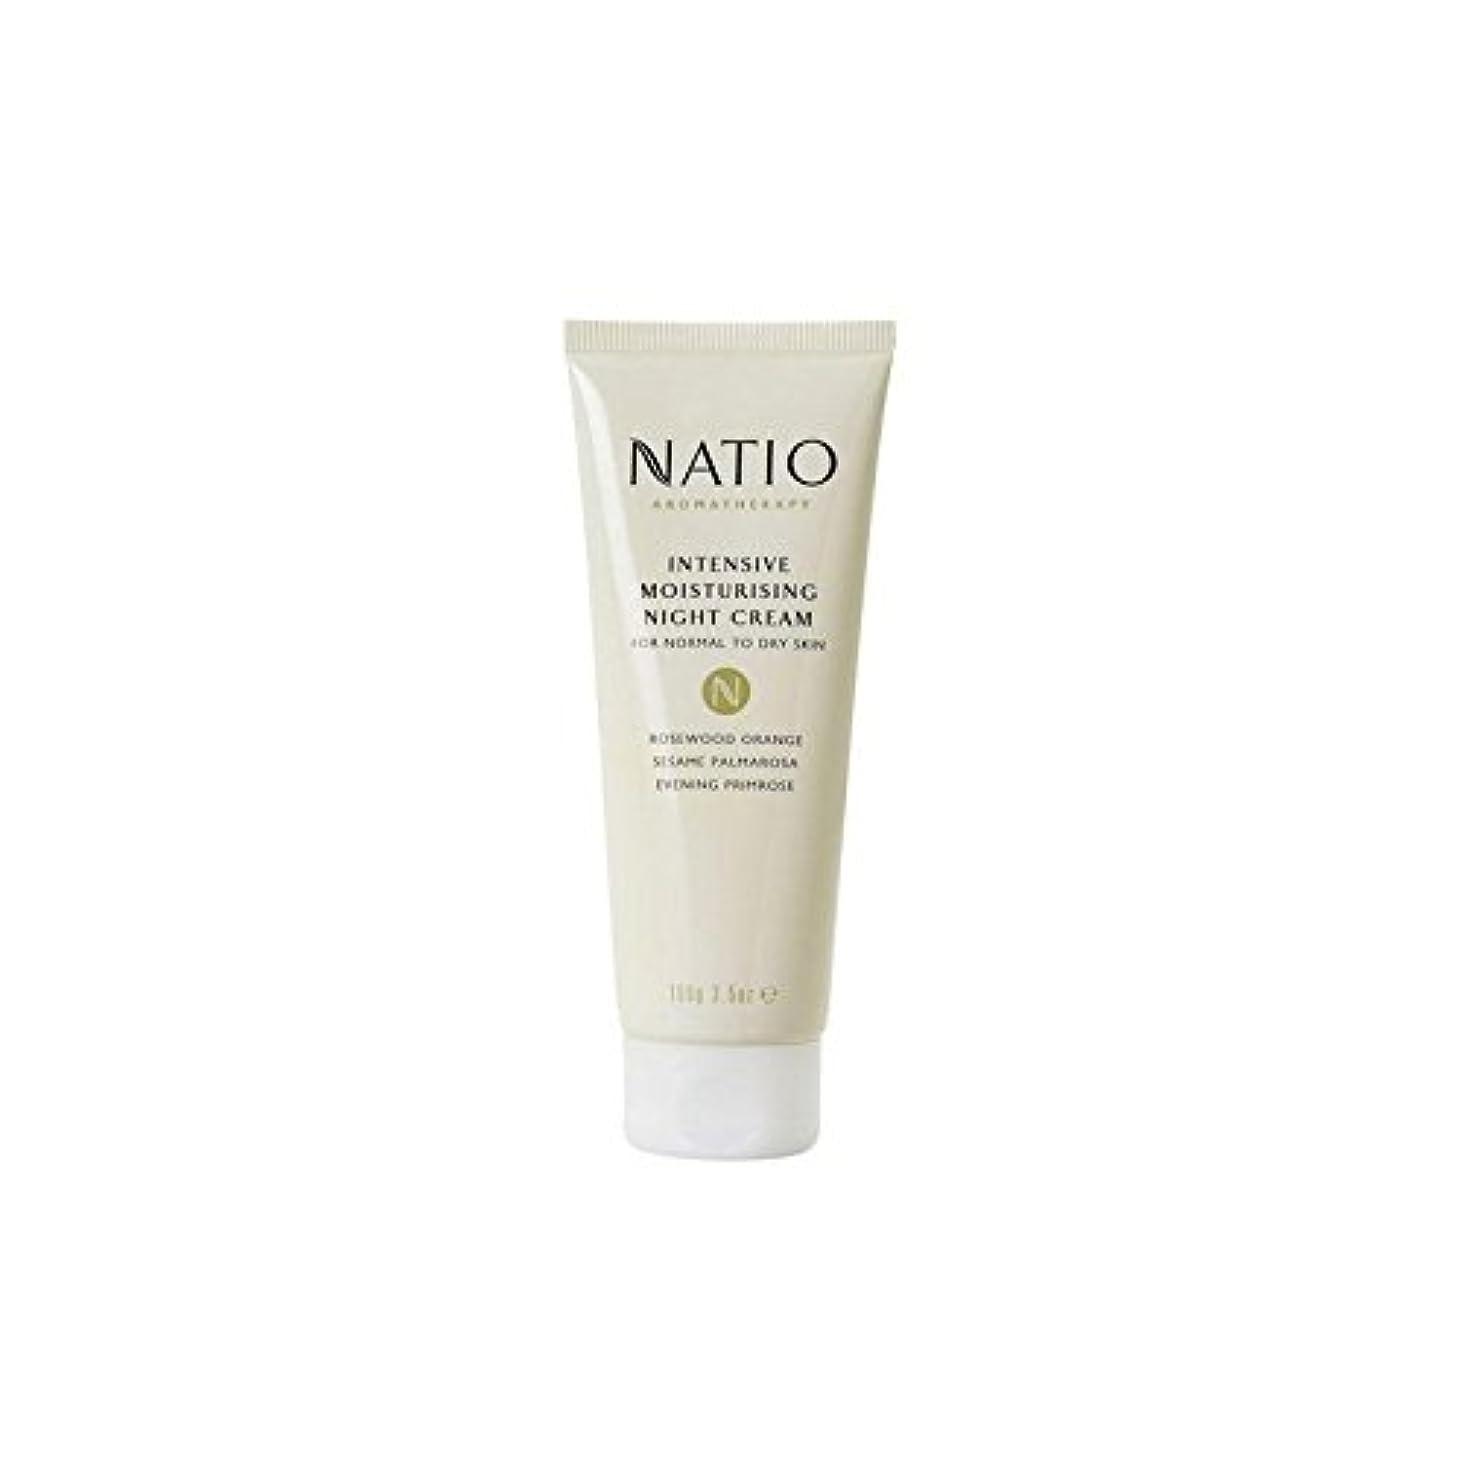 確立中級毛皮Natio Intensive Moisturising Night Cream (100G) (Pack of 6) - 集中的な保湿ナイトクリーム(100グラム) x6 [並行輸入品]